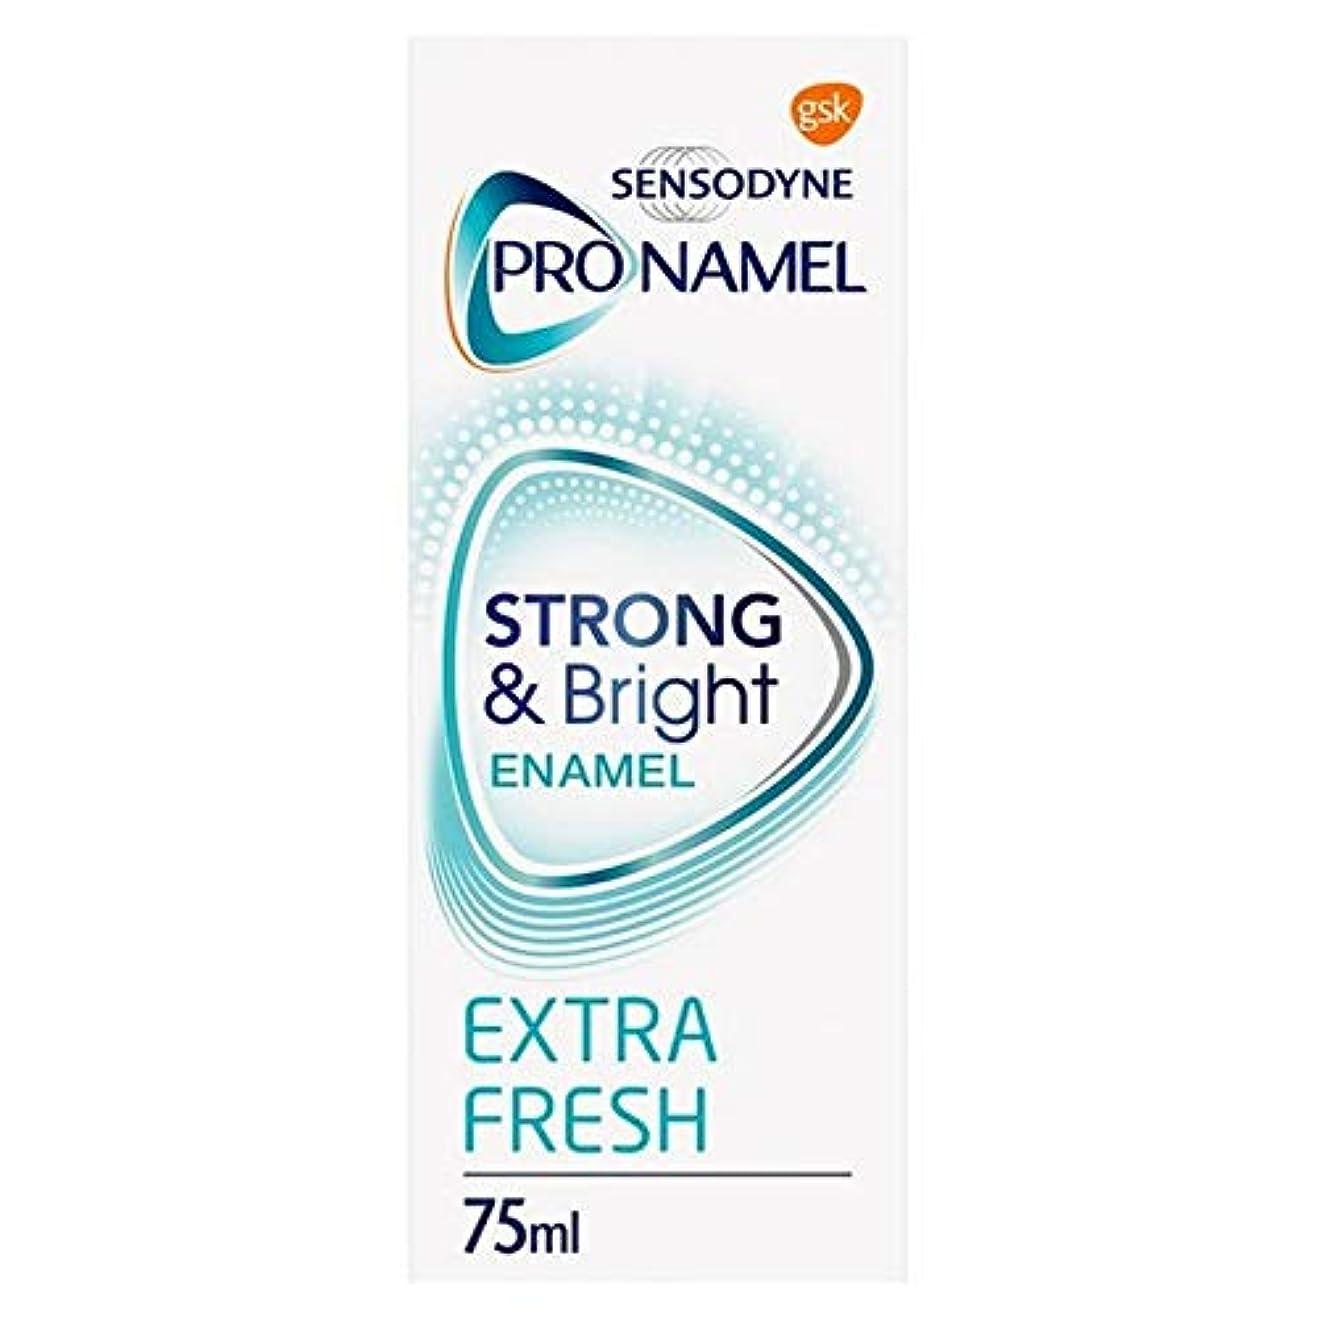 引き渡す極貧幸運[Sensodyne] SensodyneのPronamel強い&ブライト歯磨き粉75ミリリットル - Sensodyne Pronamel Strong & Bright Toothpaste 75ml [並行輸入品]